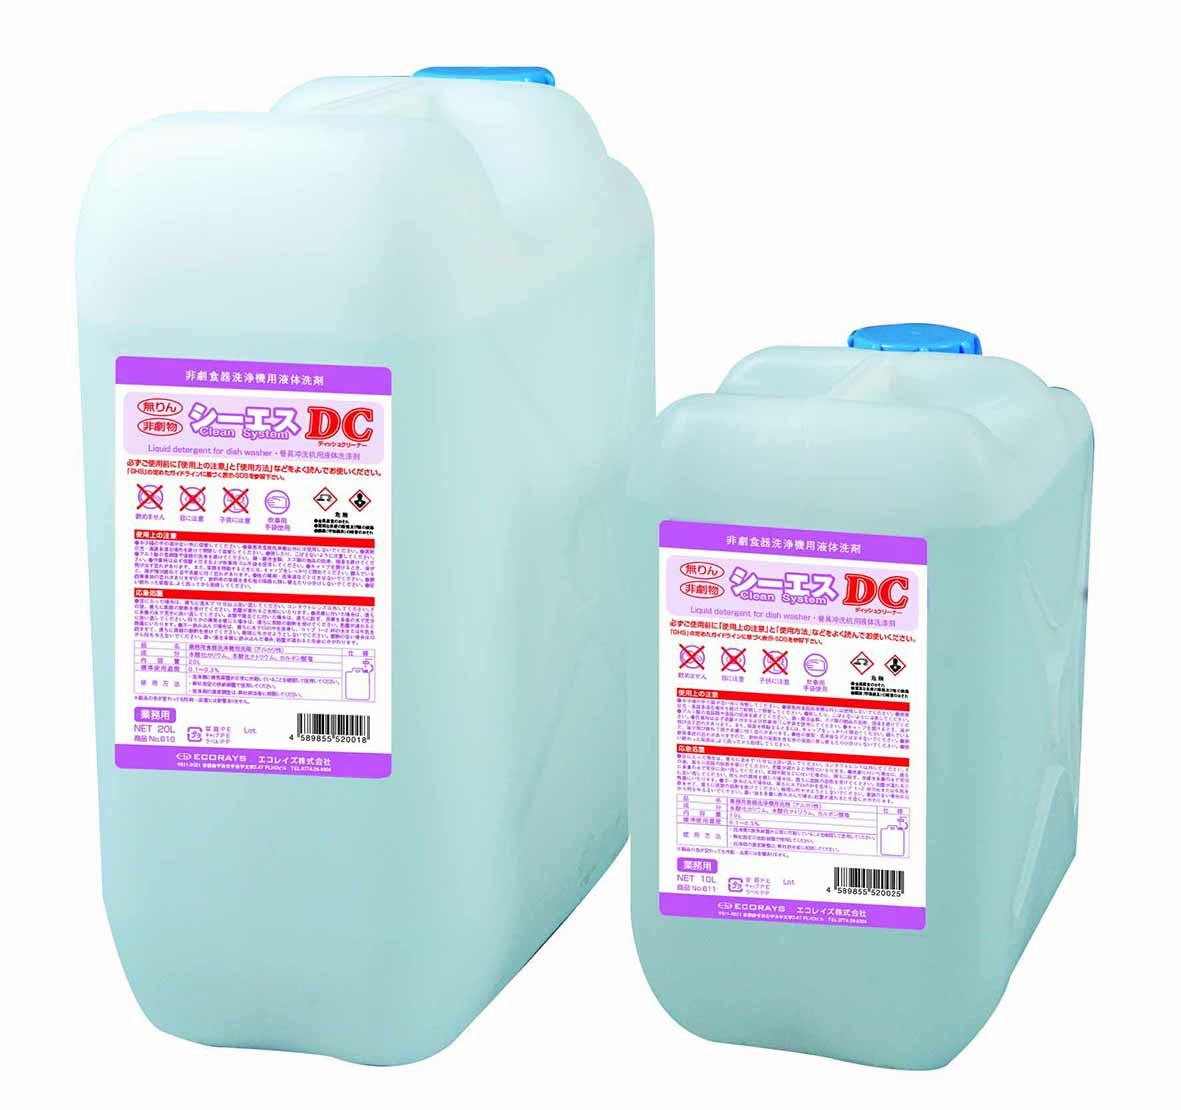 メーカー在庫限りエコレイズ 食器洗浄機用洗浄剤 シーエスDC 20LマイアルファクリーンM